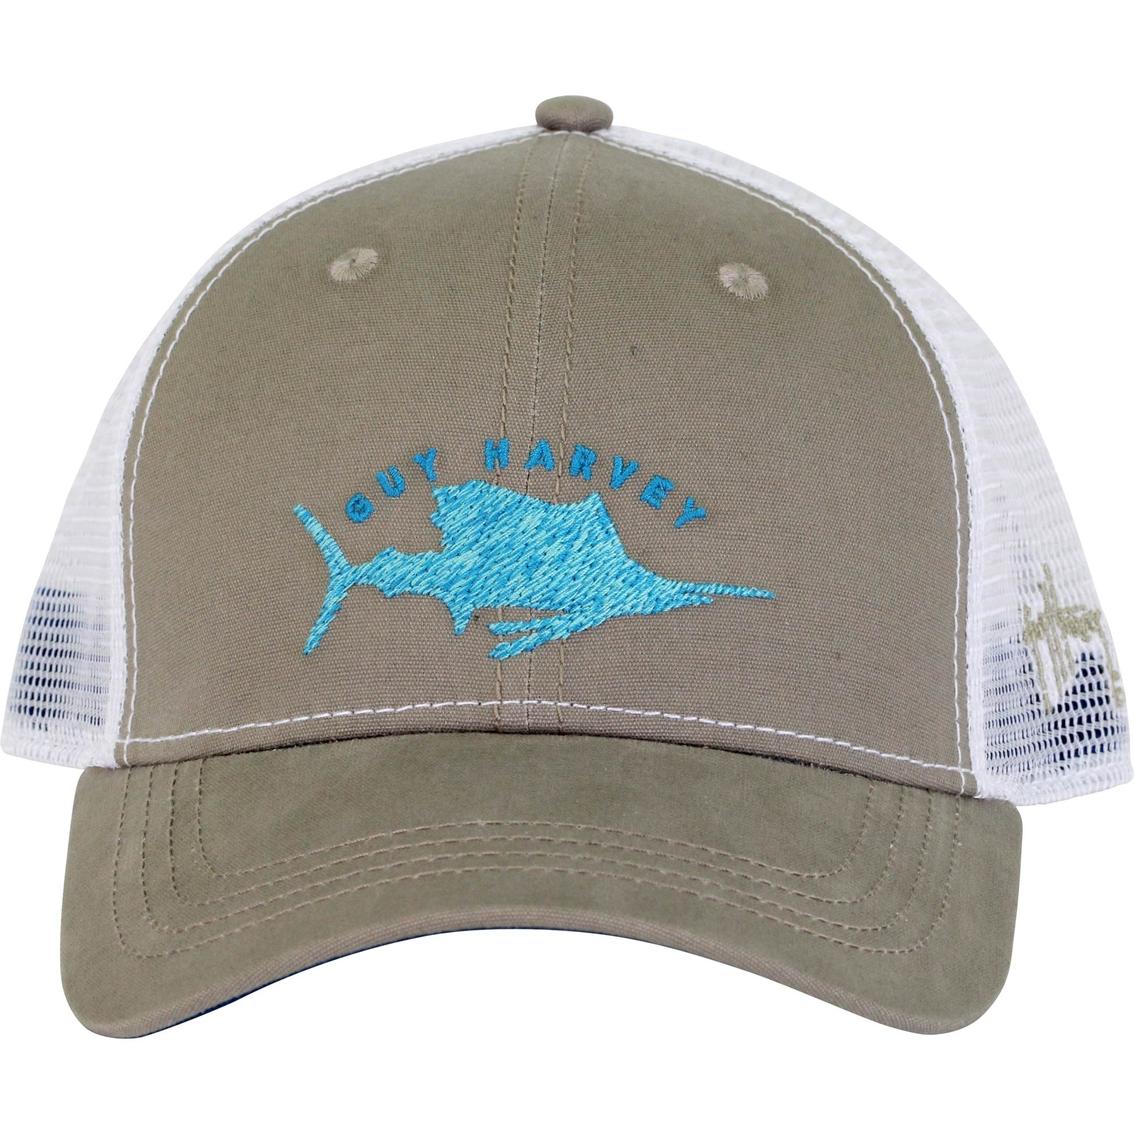 c799ee2cc054a Guy Harvey Streaker Trucker Hat